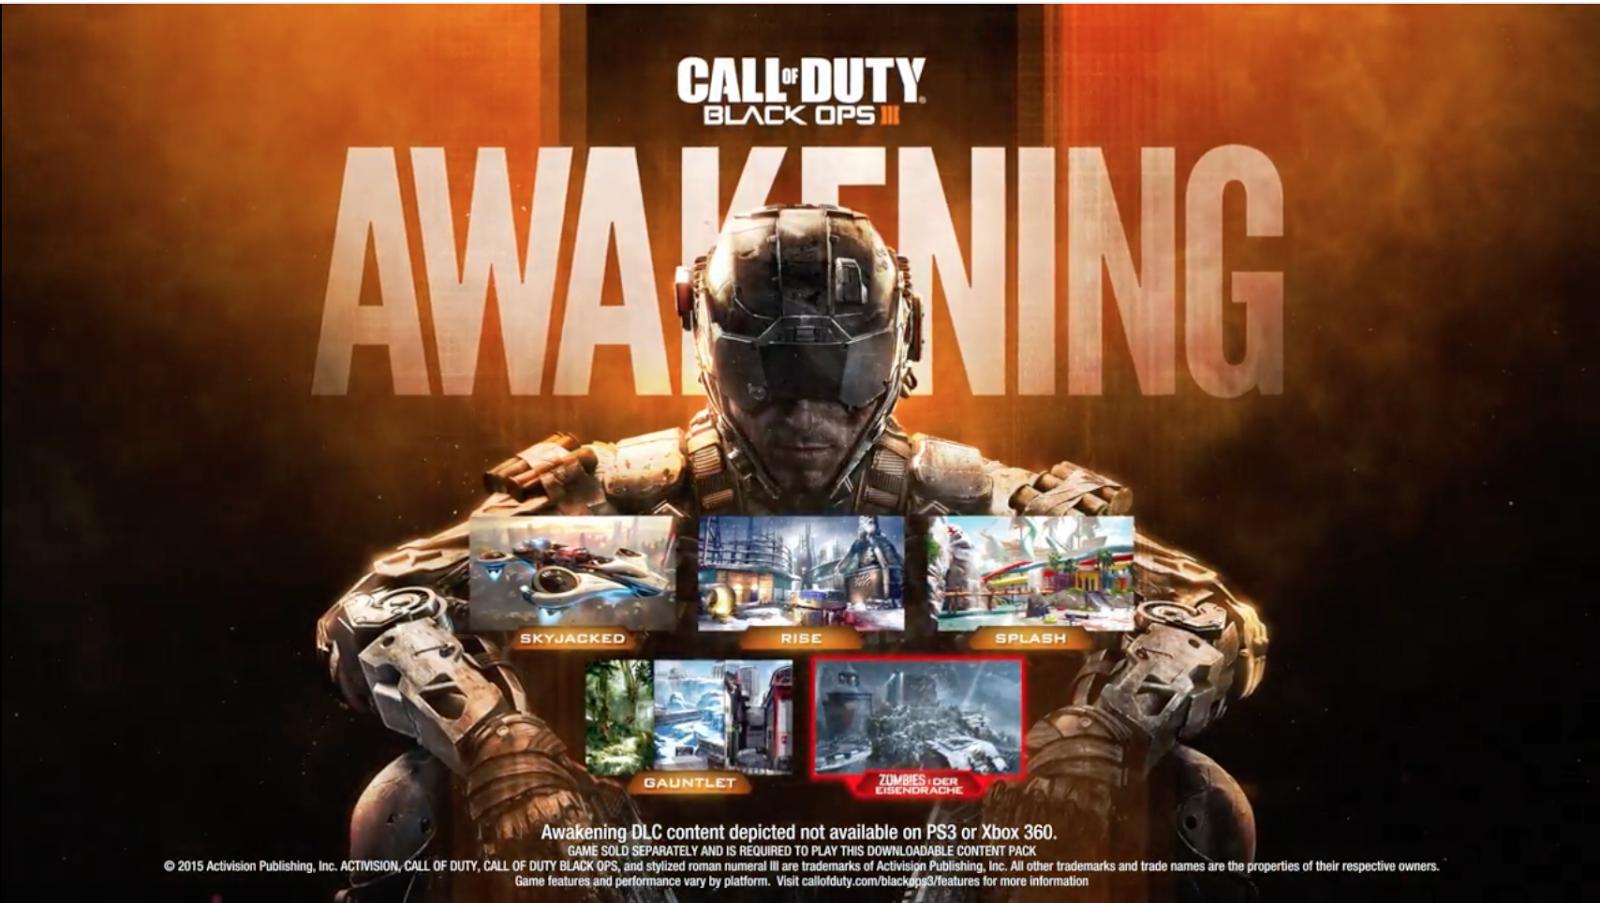 Call of Duty: Black Ops III Awakening Now Available for PS4 ... Call Of Duty Black Ops All Map Packs on